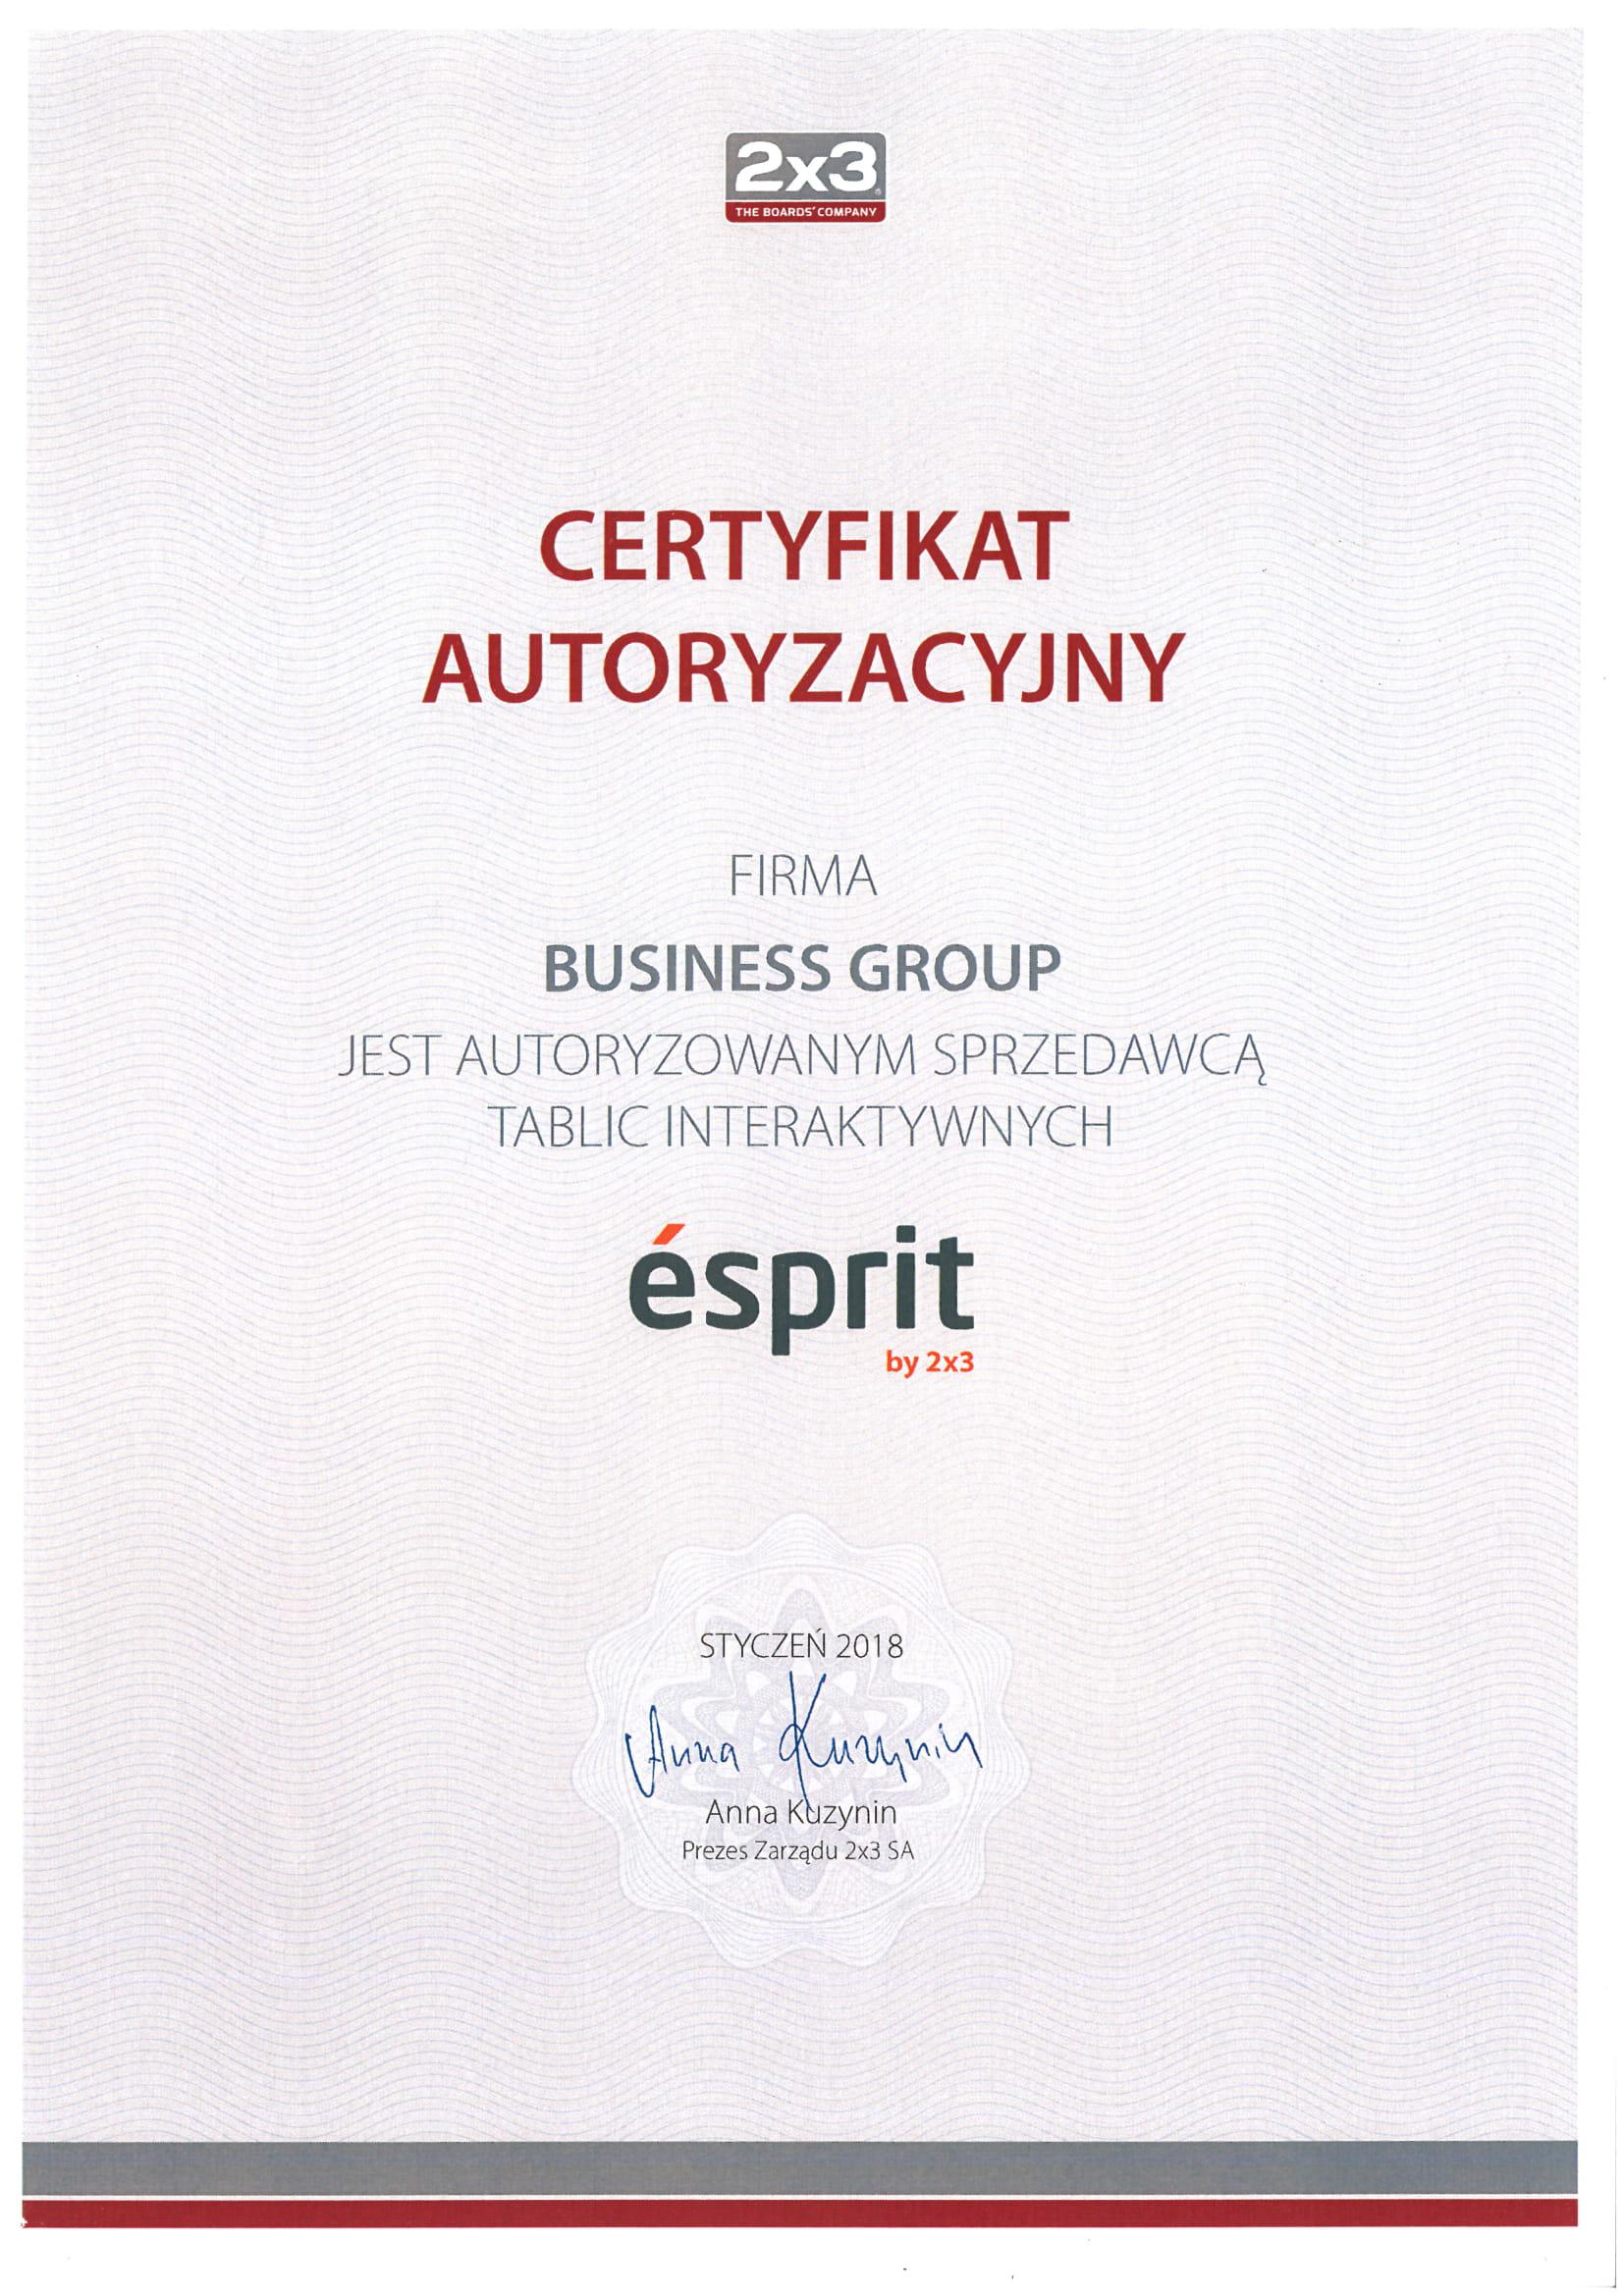 Certyfikat Esprit